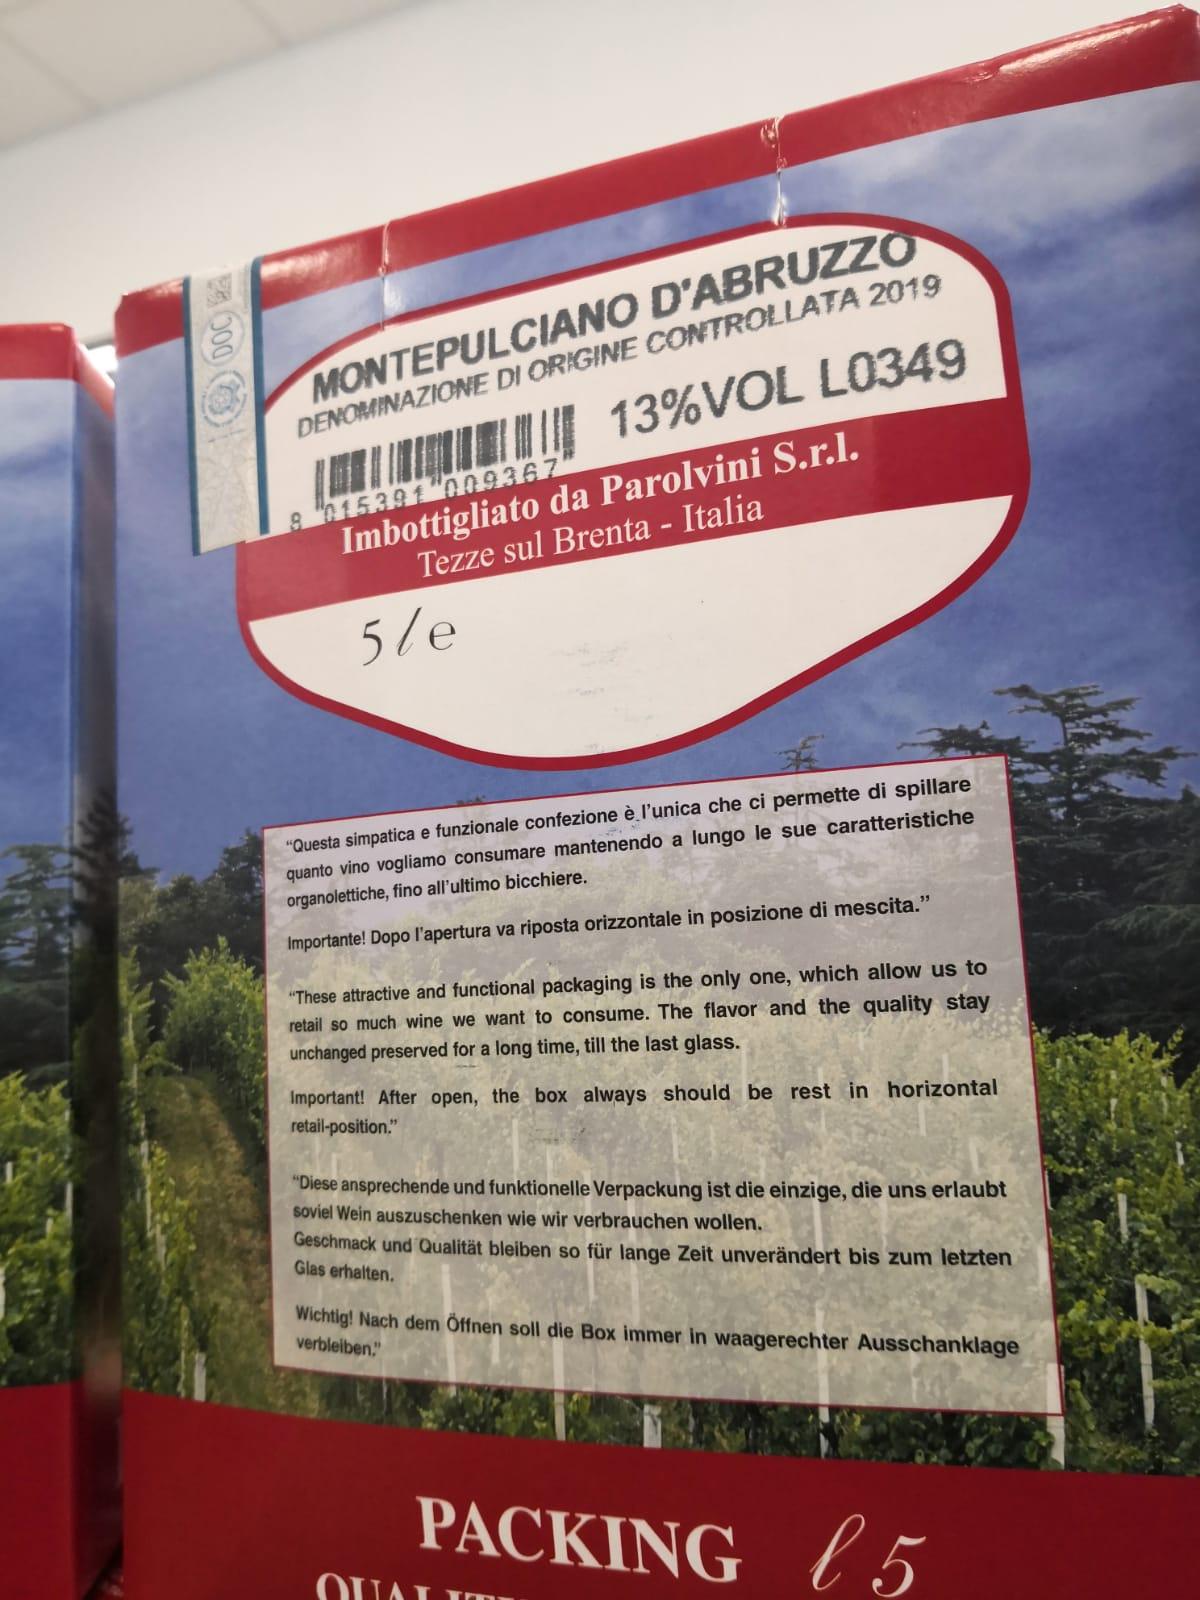 Bag in box Montepulciano d'Abruzzo